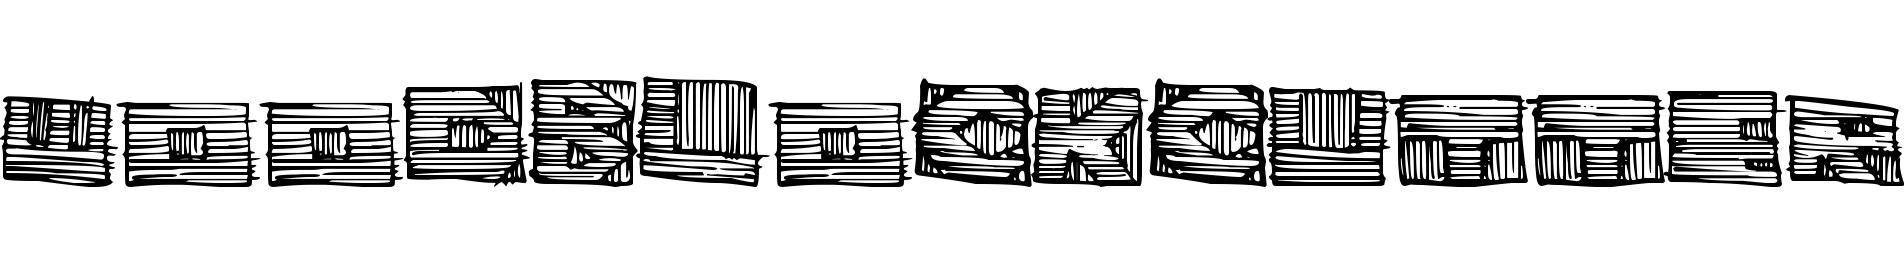 WoodblockCutter